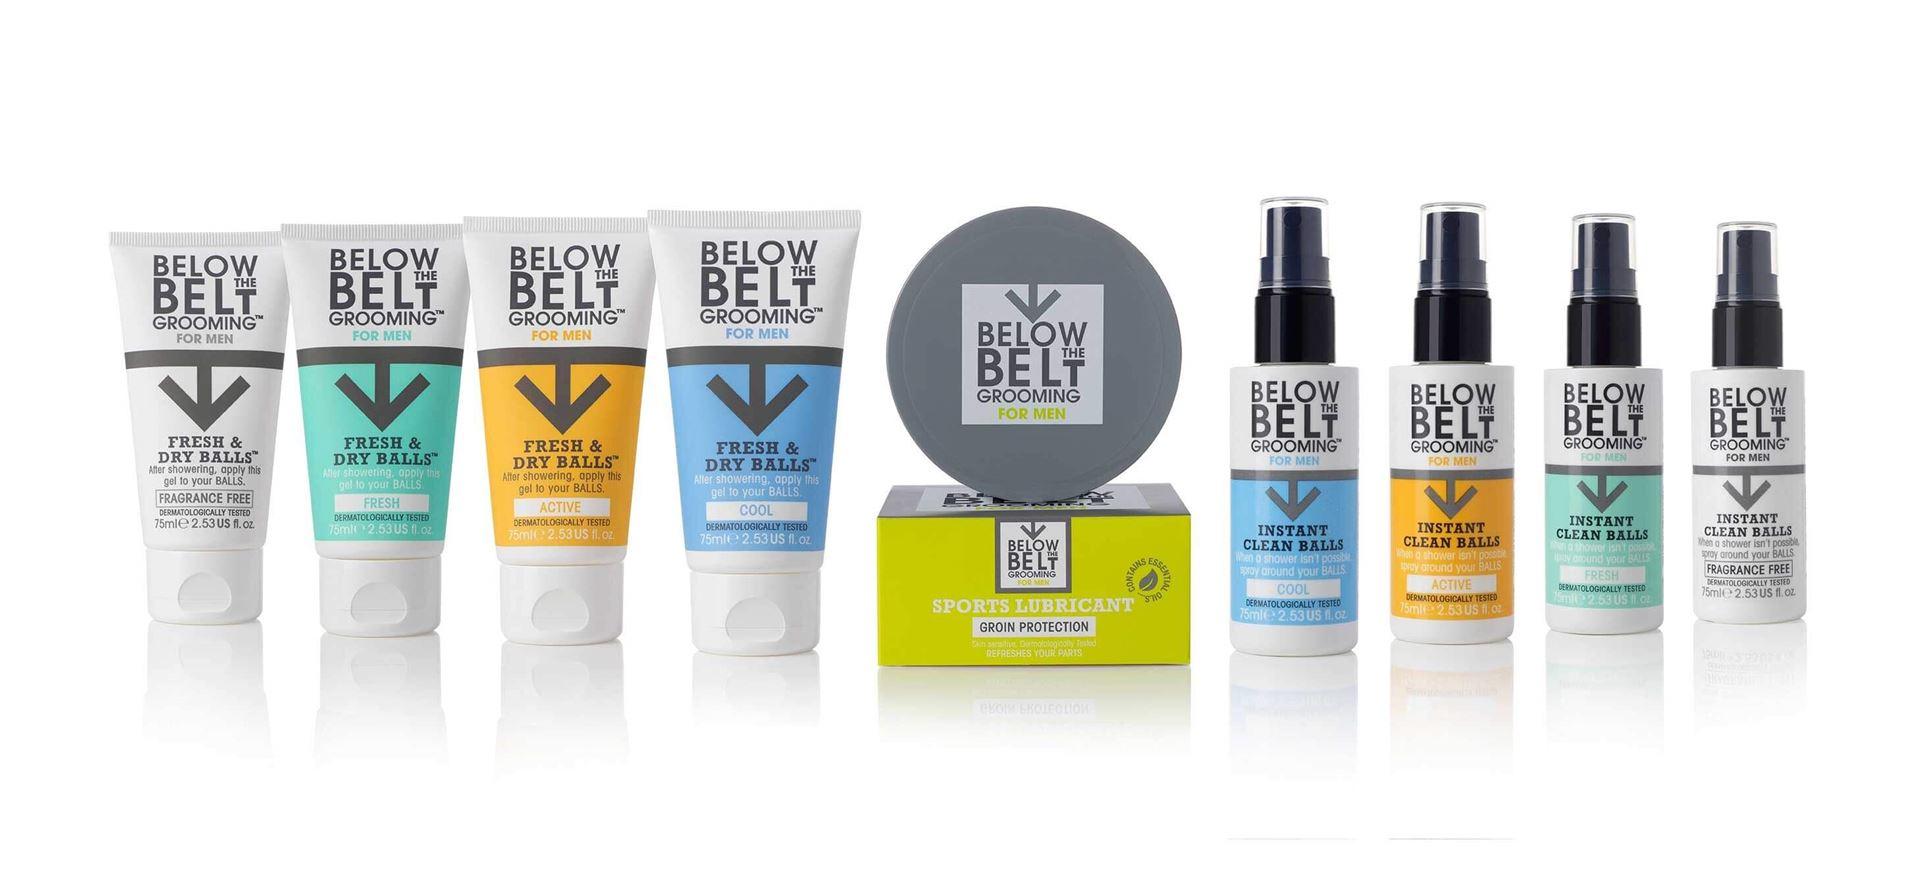 Below the belt grooming range